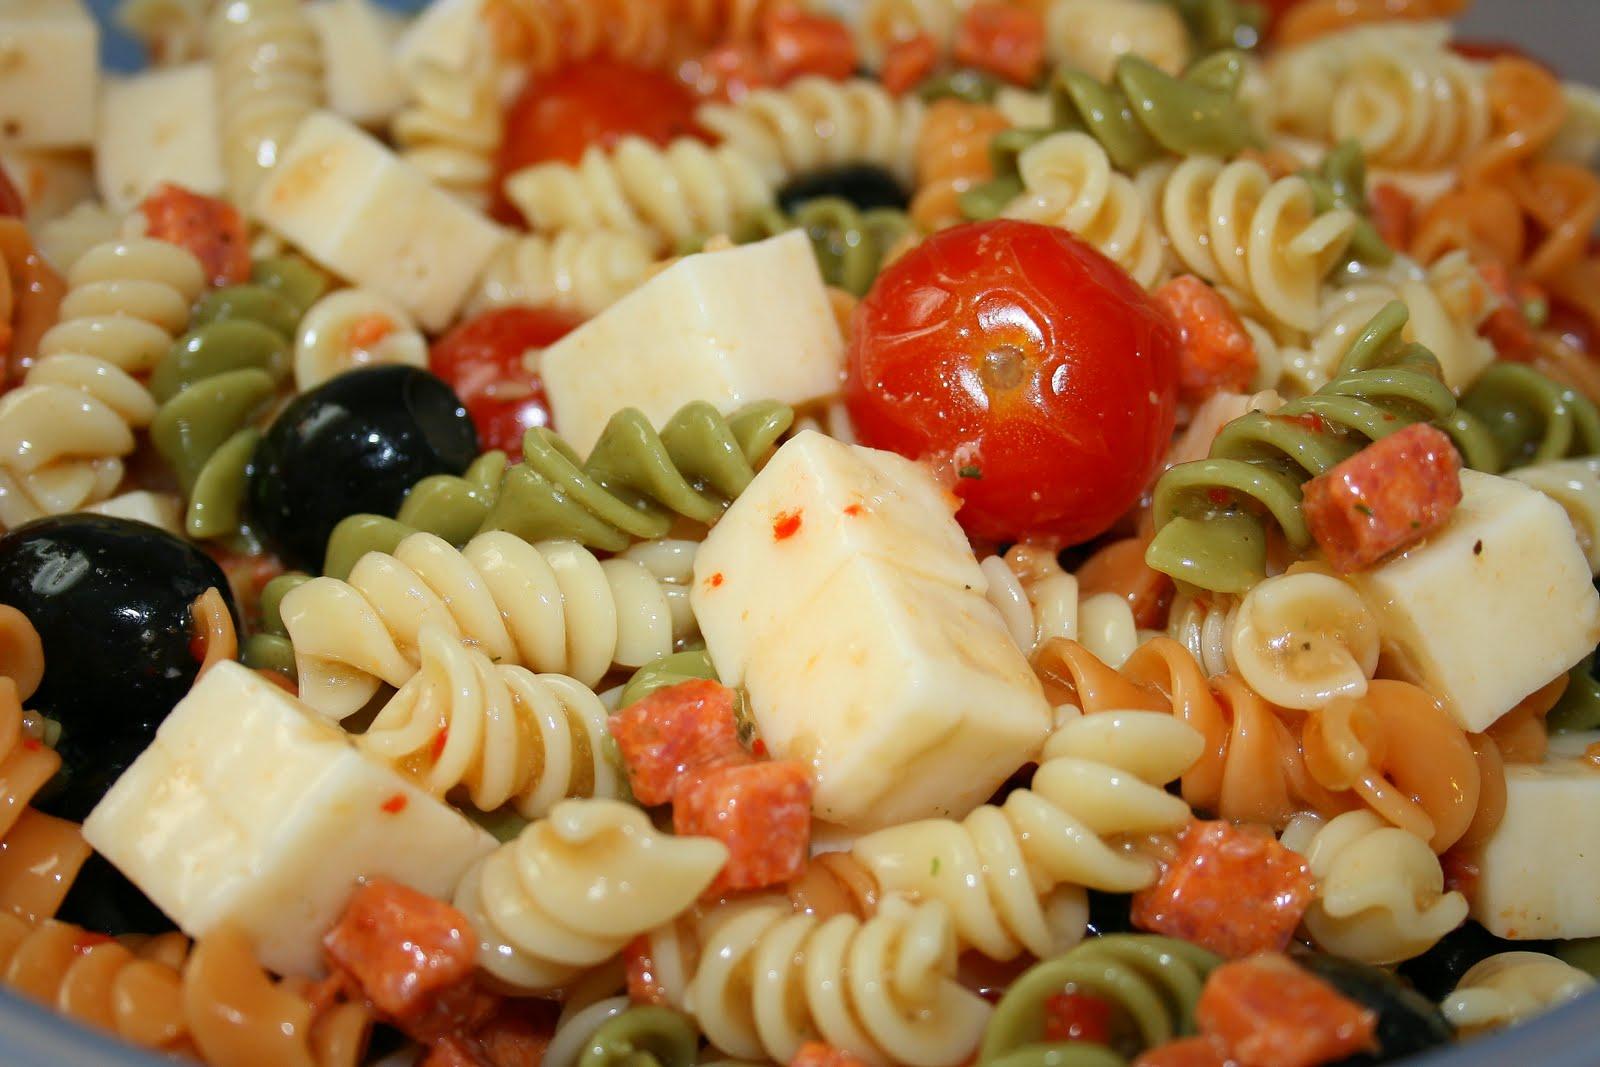 ... macaroni salad how to make macaroni salad 8 simple macaroni salad